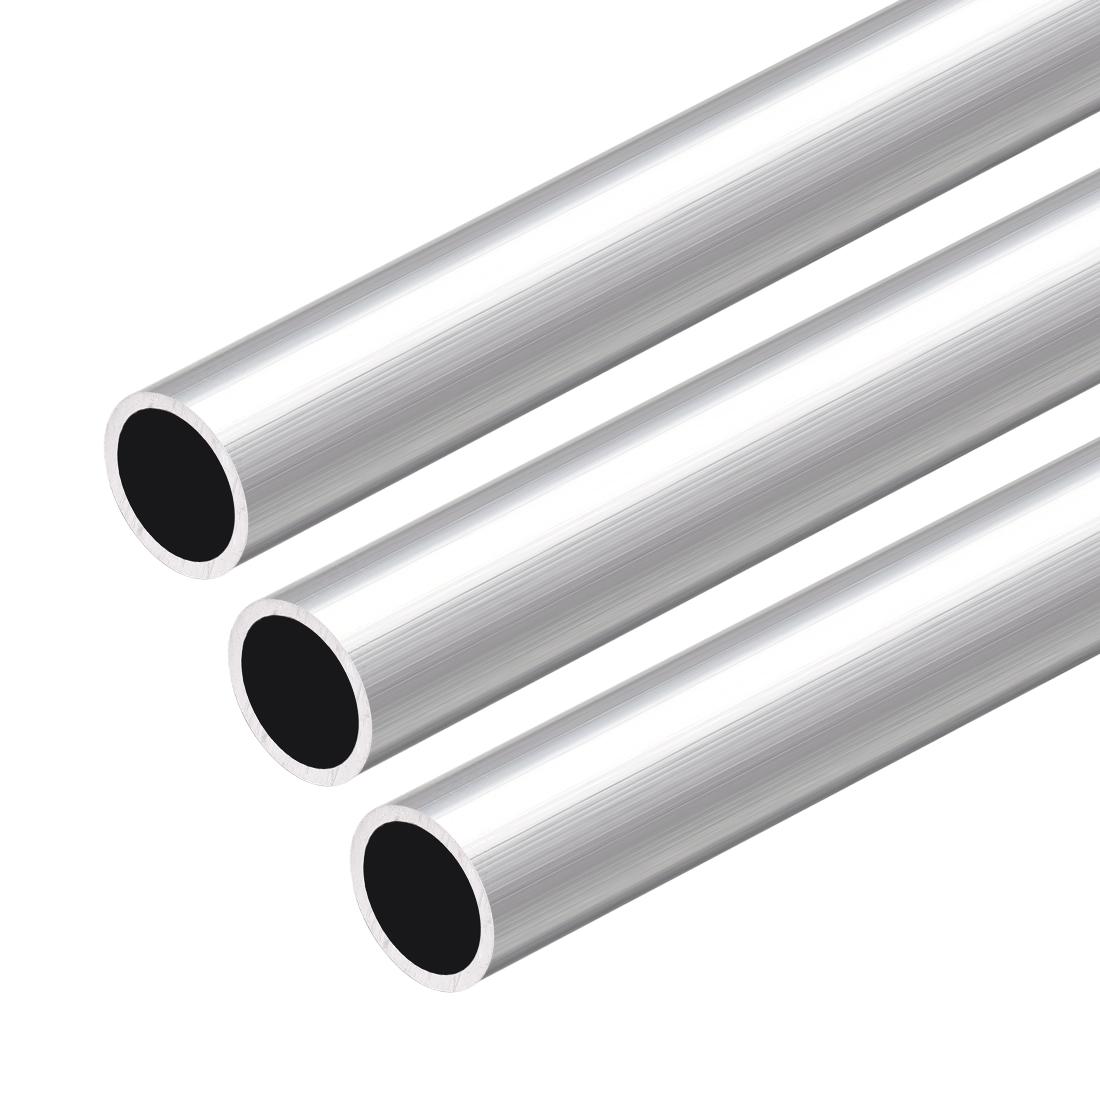 6063 Aluminum Round Tube 300mm Length 12mm OD 10mm Inner Dia Seamless Tube 3 Pcs